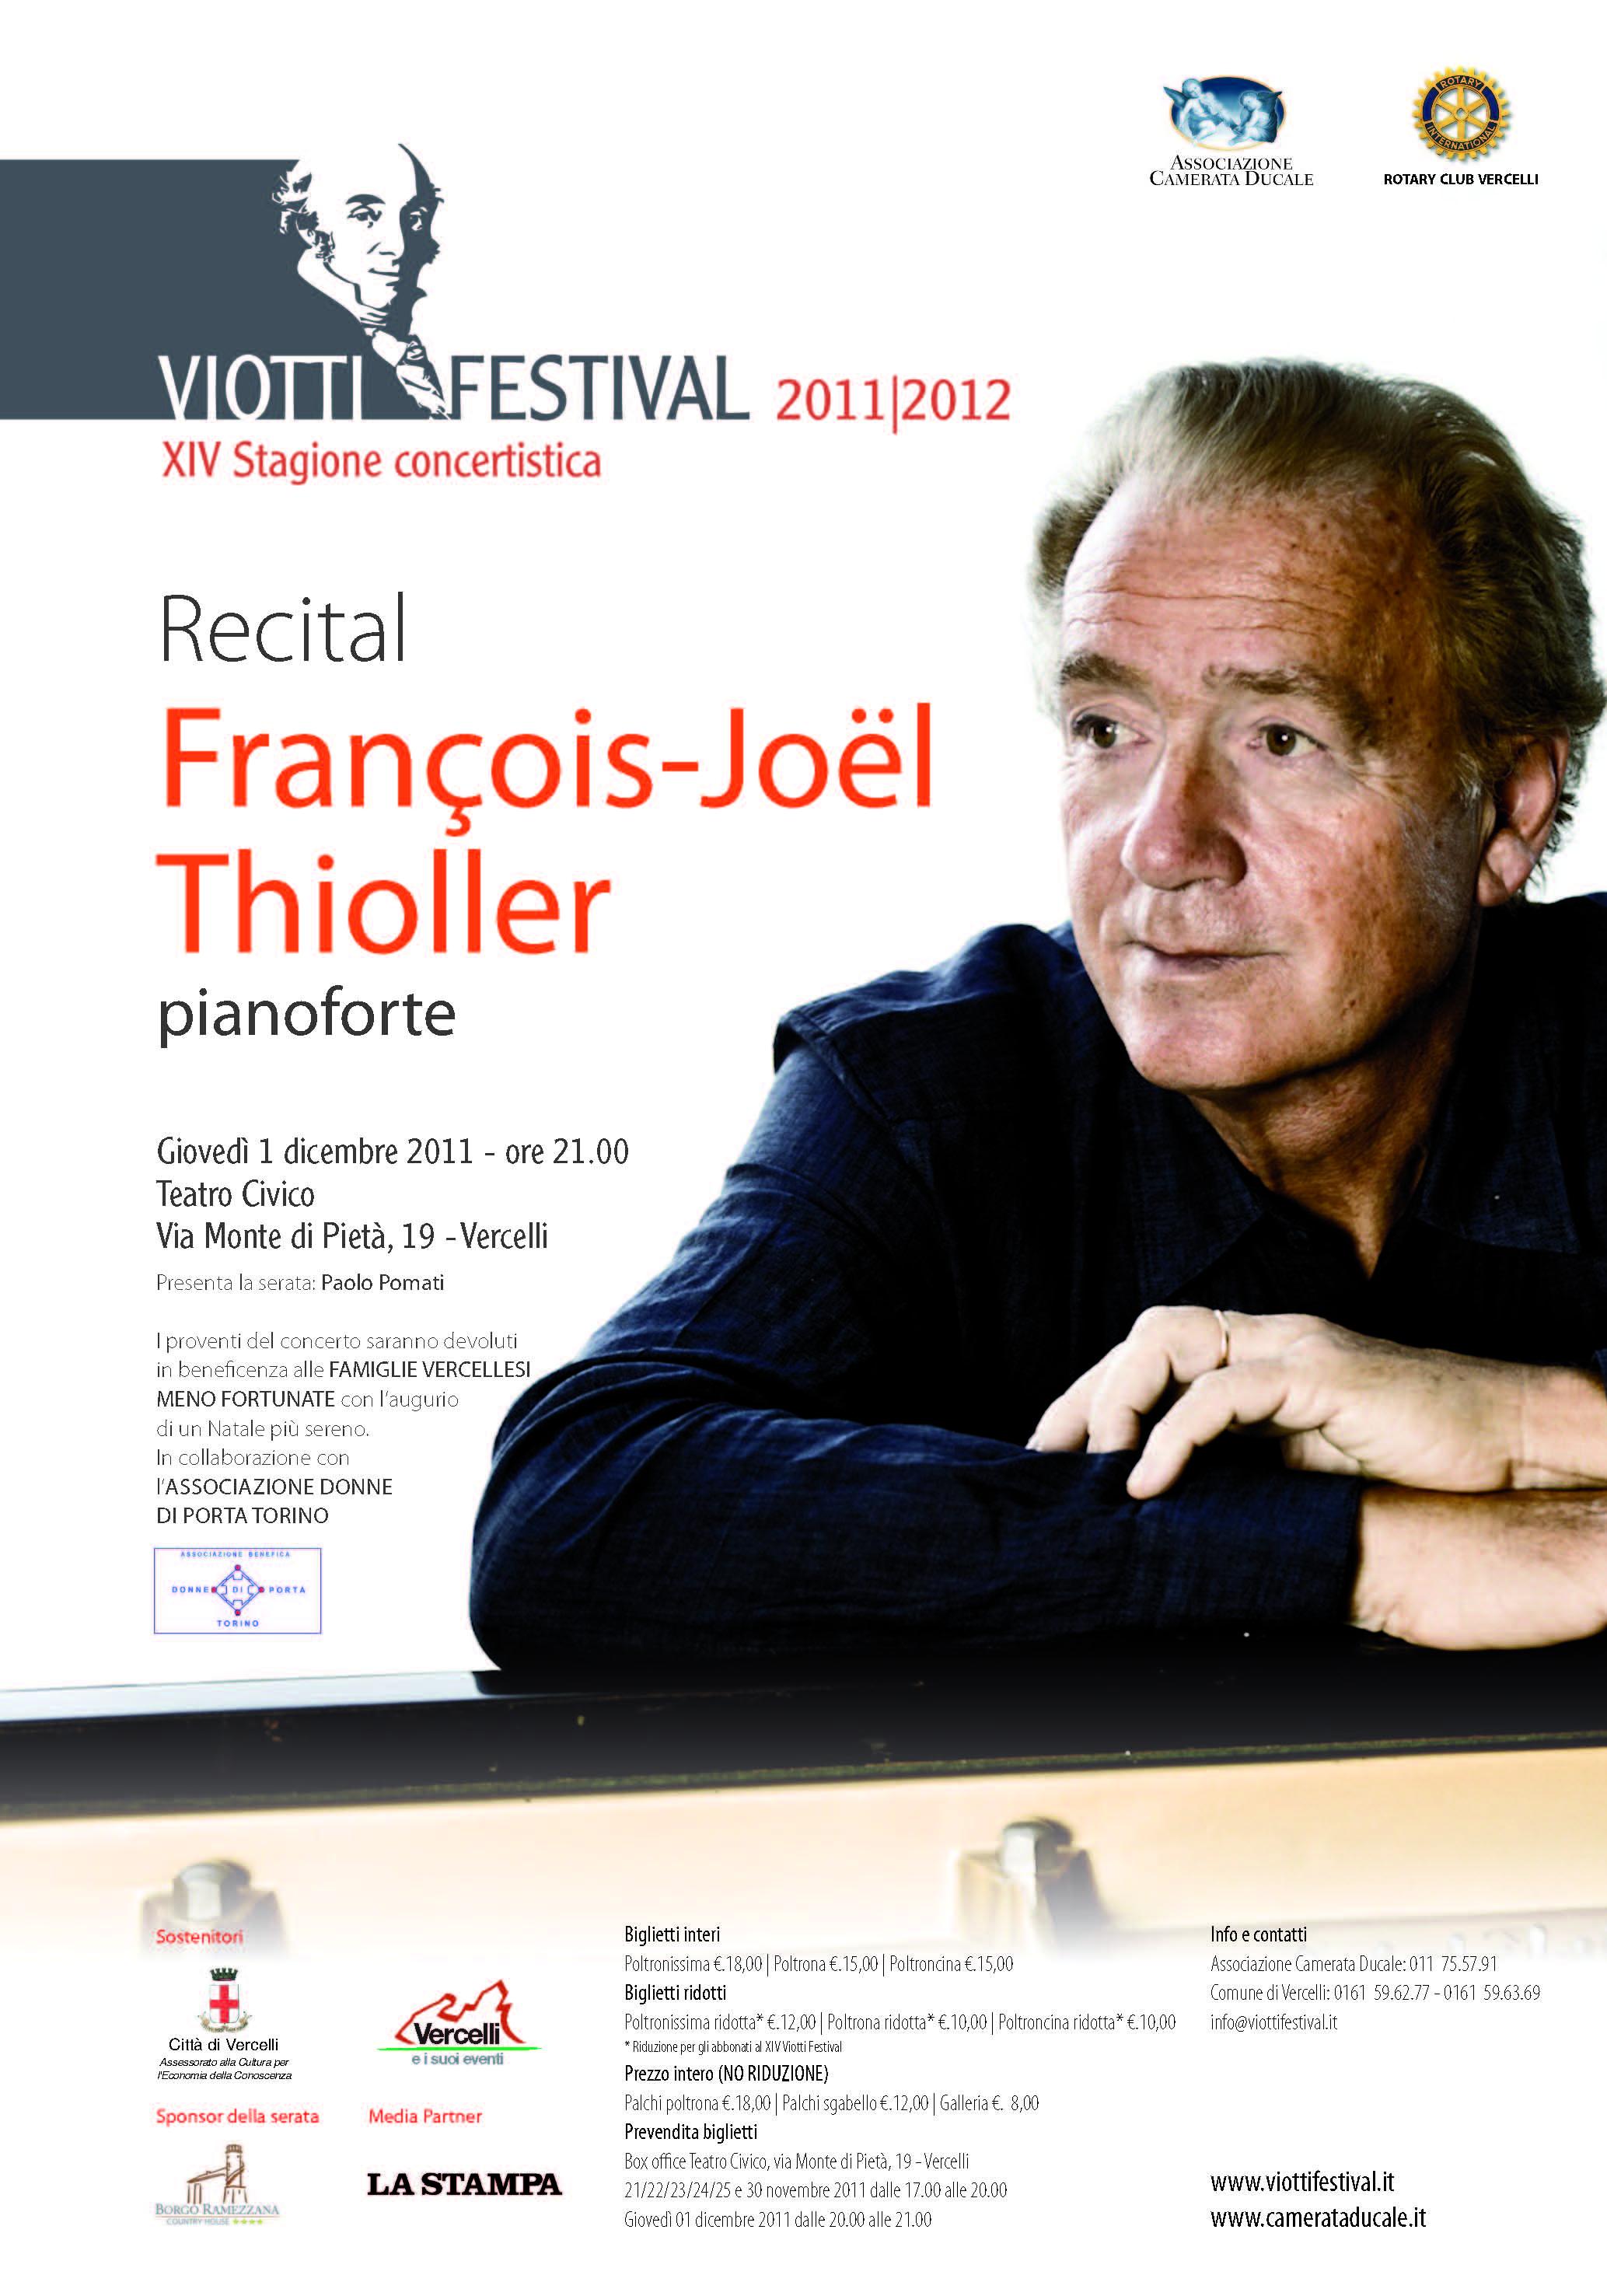 Solidarietà in musica al Viotti Festival di Vercelli con il Recital di François-Joël Thiollier